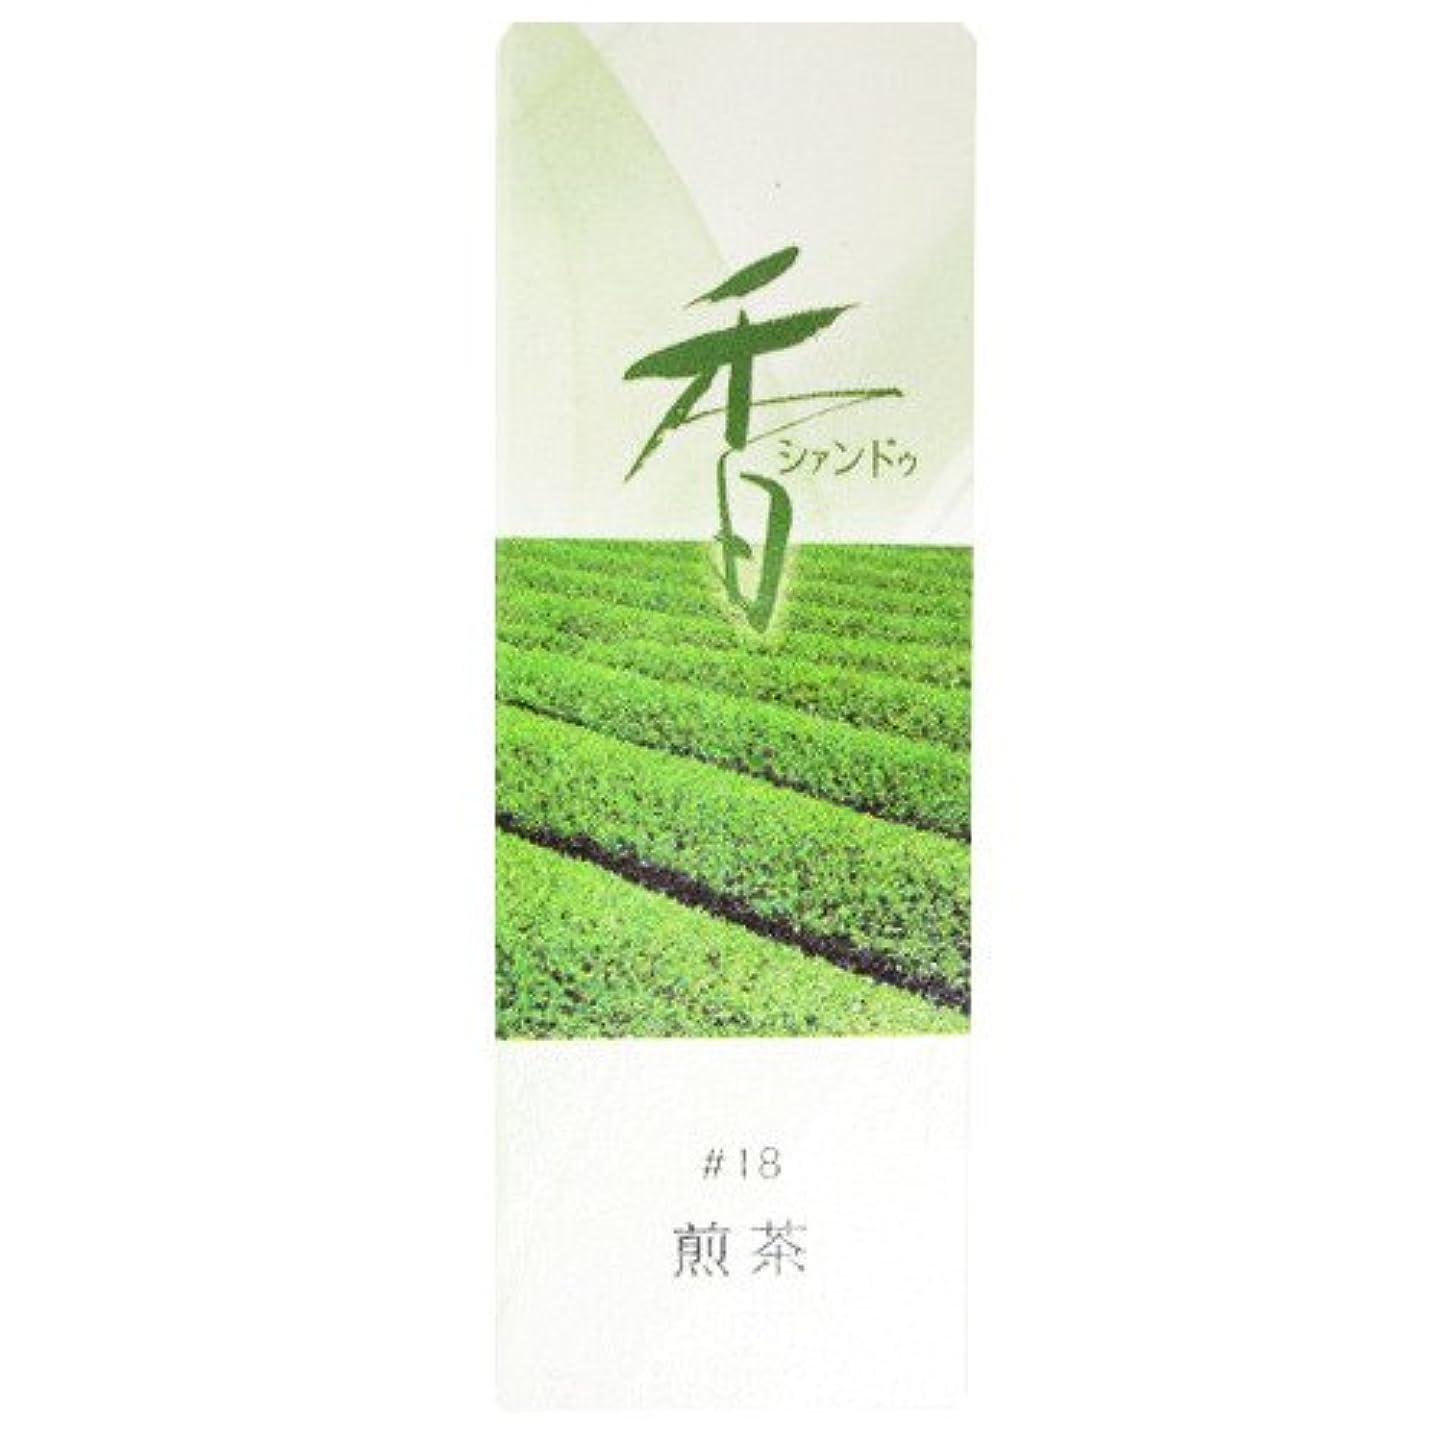 召喚するスズメバチ会計松栄堂のお香 Xiang Do(シャンドゥ) 煎茶 ST20本入 簡易香立付 #214218